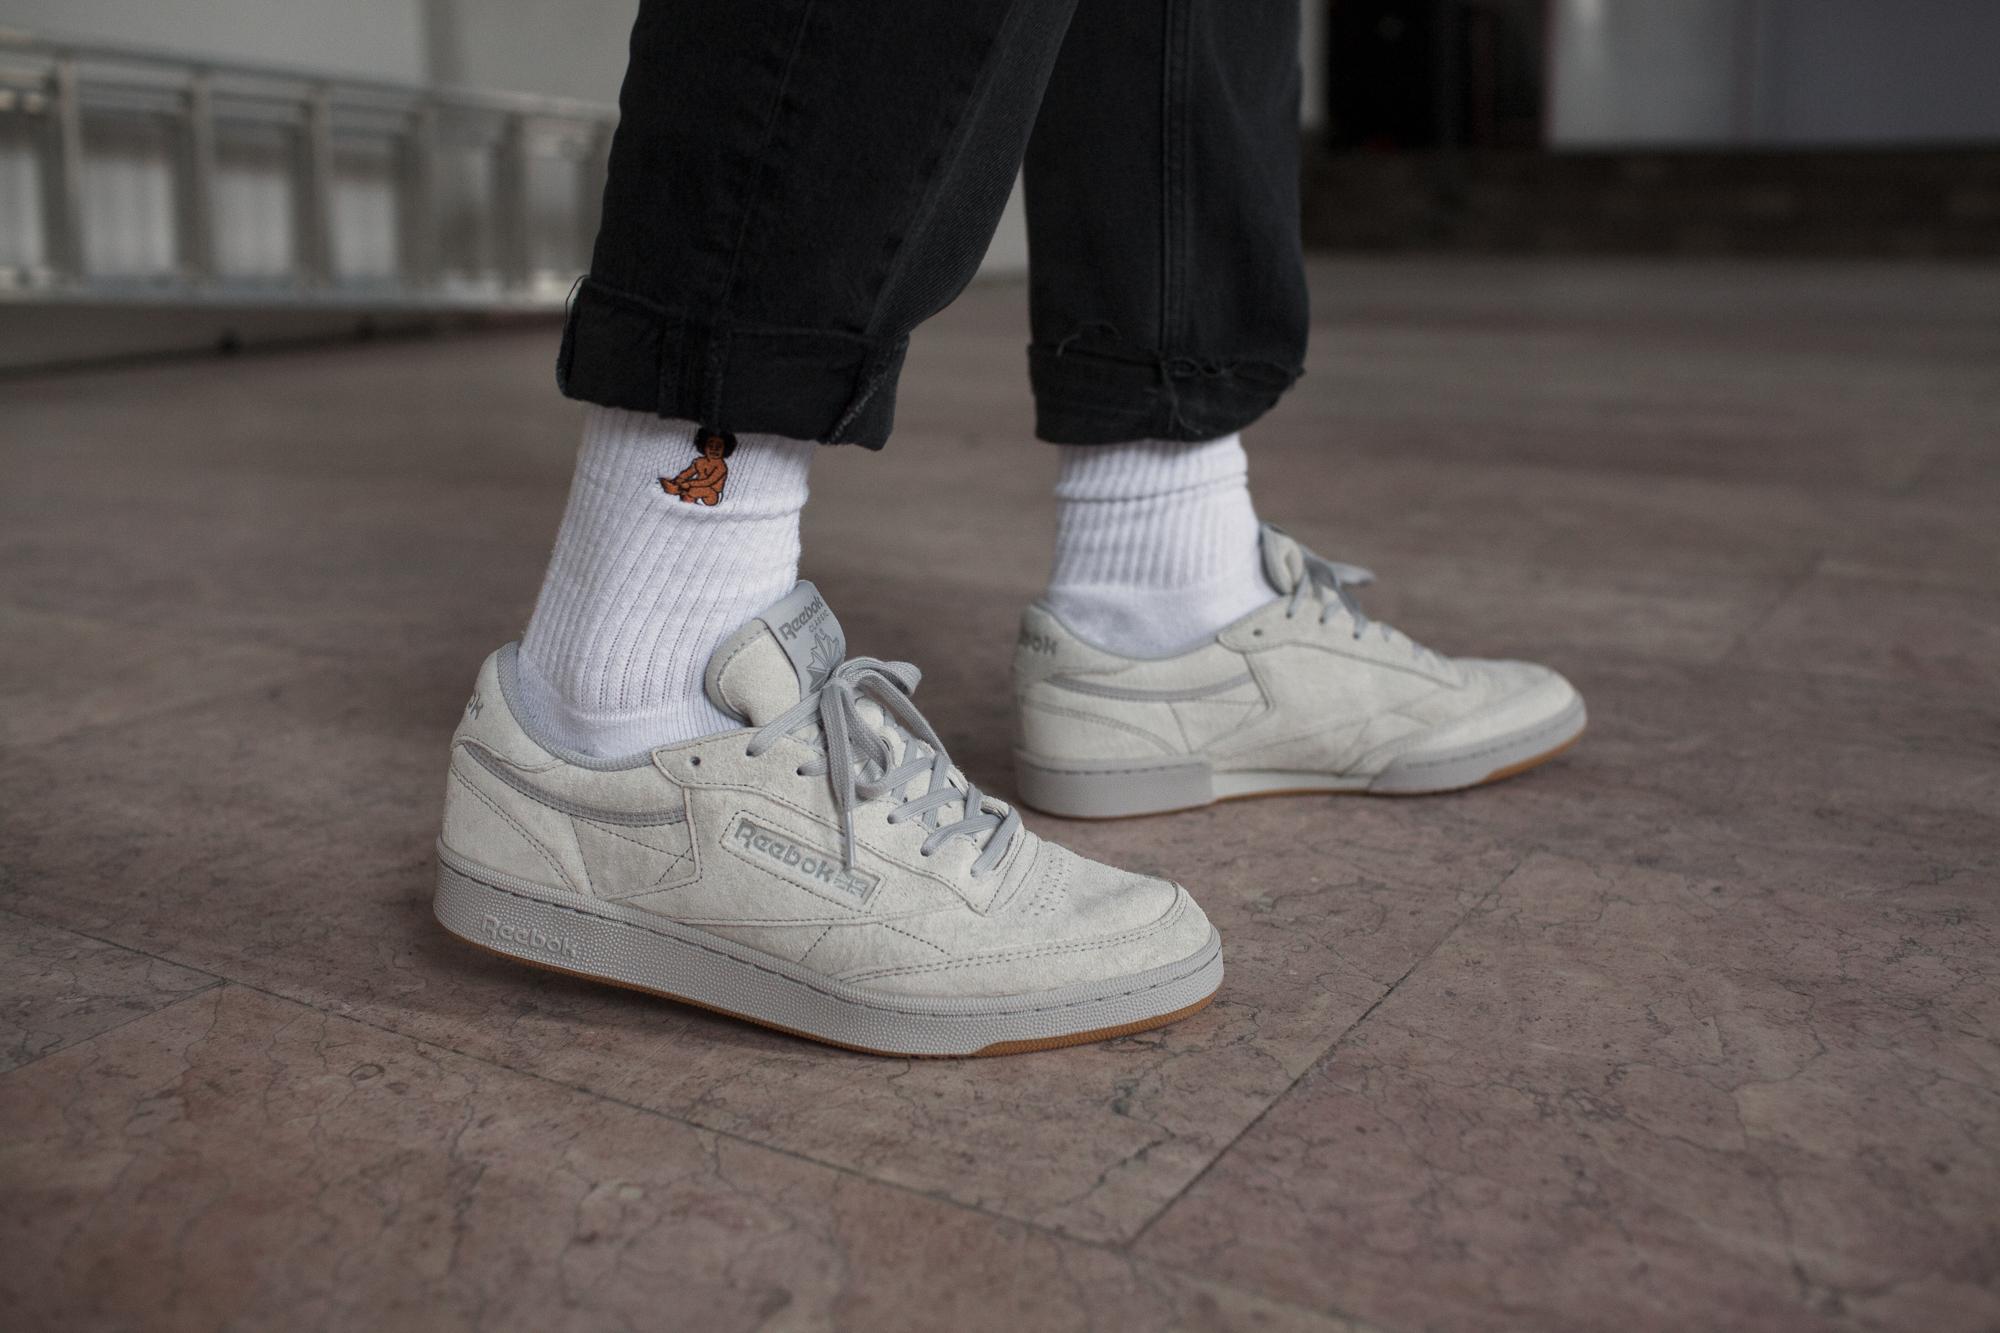 Białe buty Reebok Classic na nogach mężczyzny, białe skarpetki, czarne spodnie